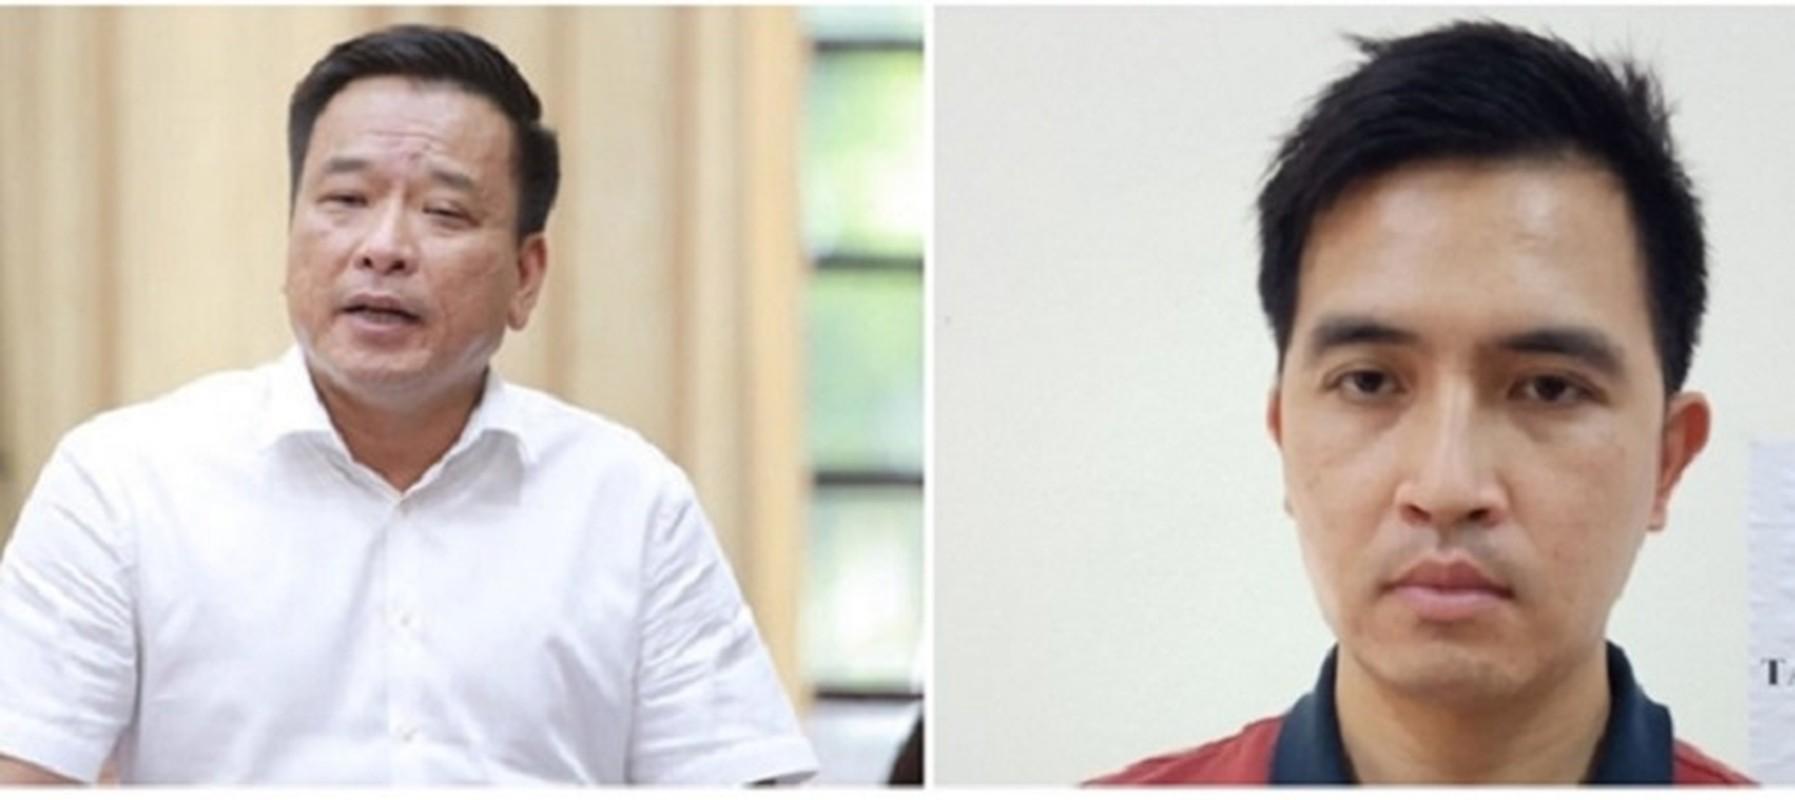 Vu che pham Redoxy-3C: Dong co vu loi cua ong Nguyen Duc Chung la gi?-Hinh-2